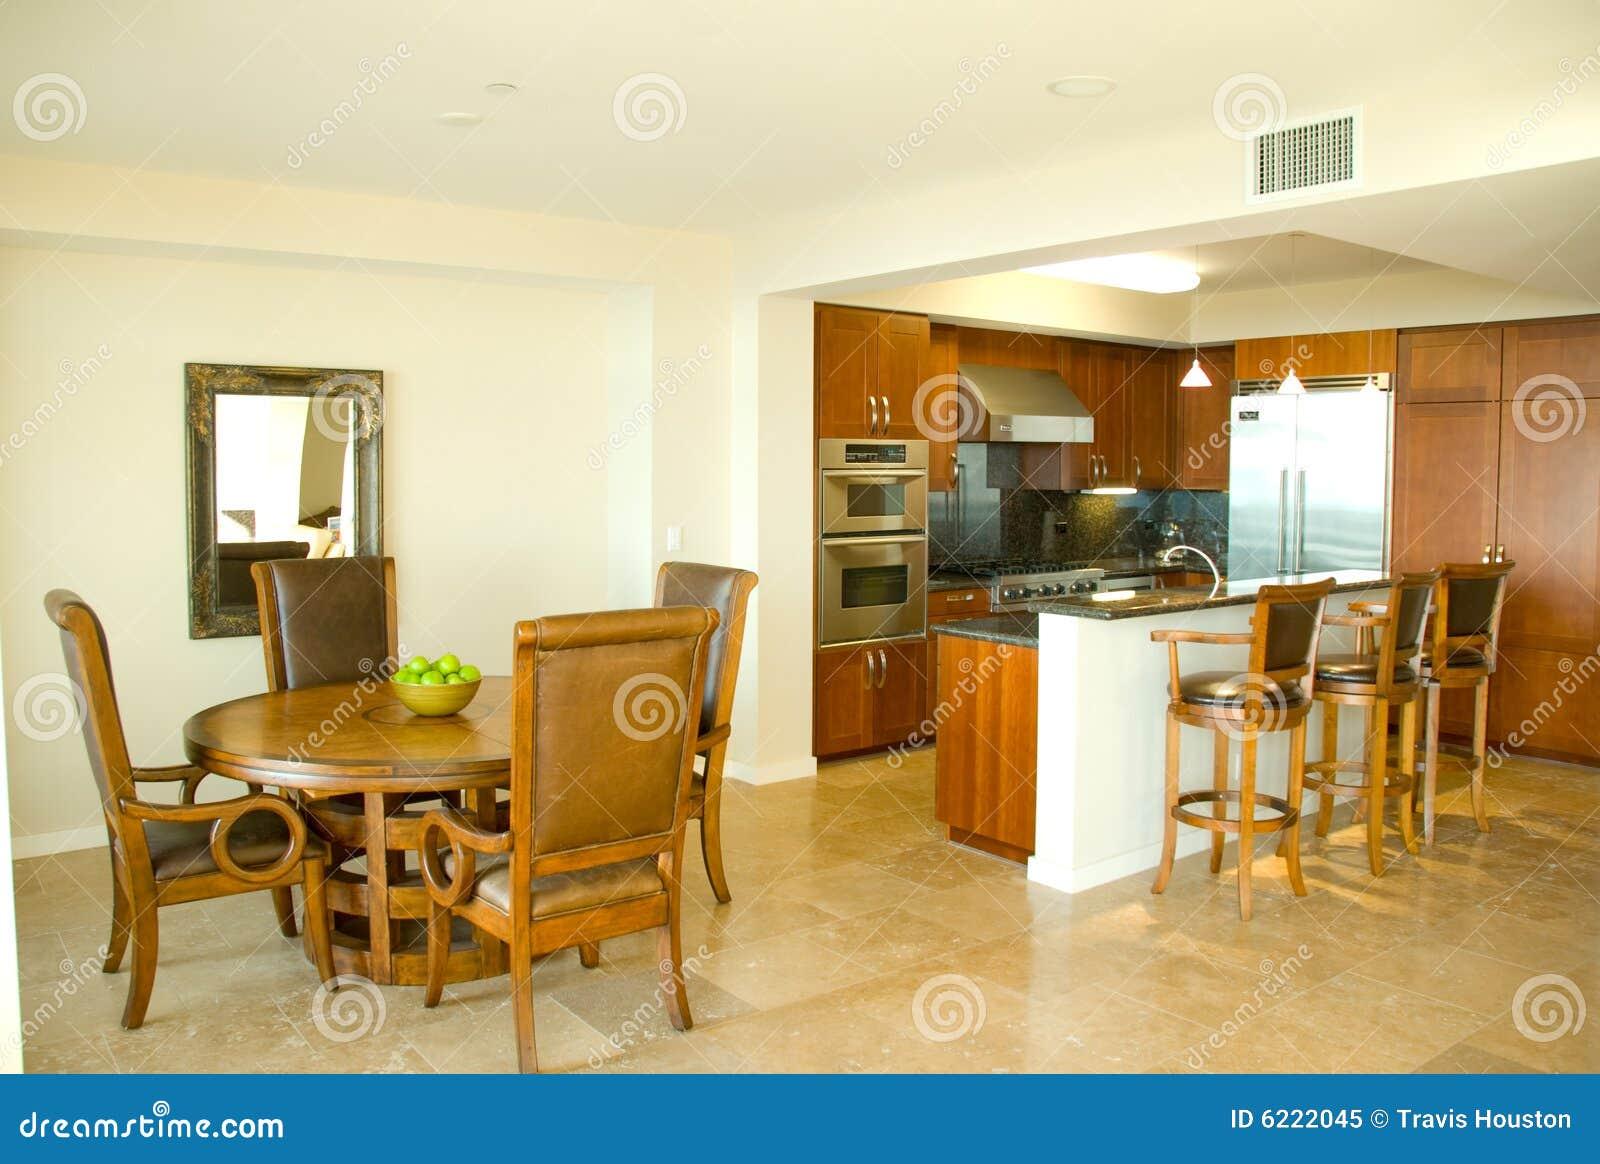 Cucina E Sala Da Pranzo Gastronomiche Del Progettista Immagine ...